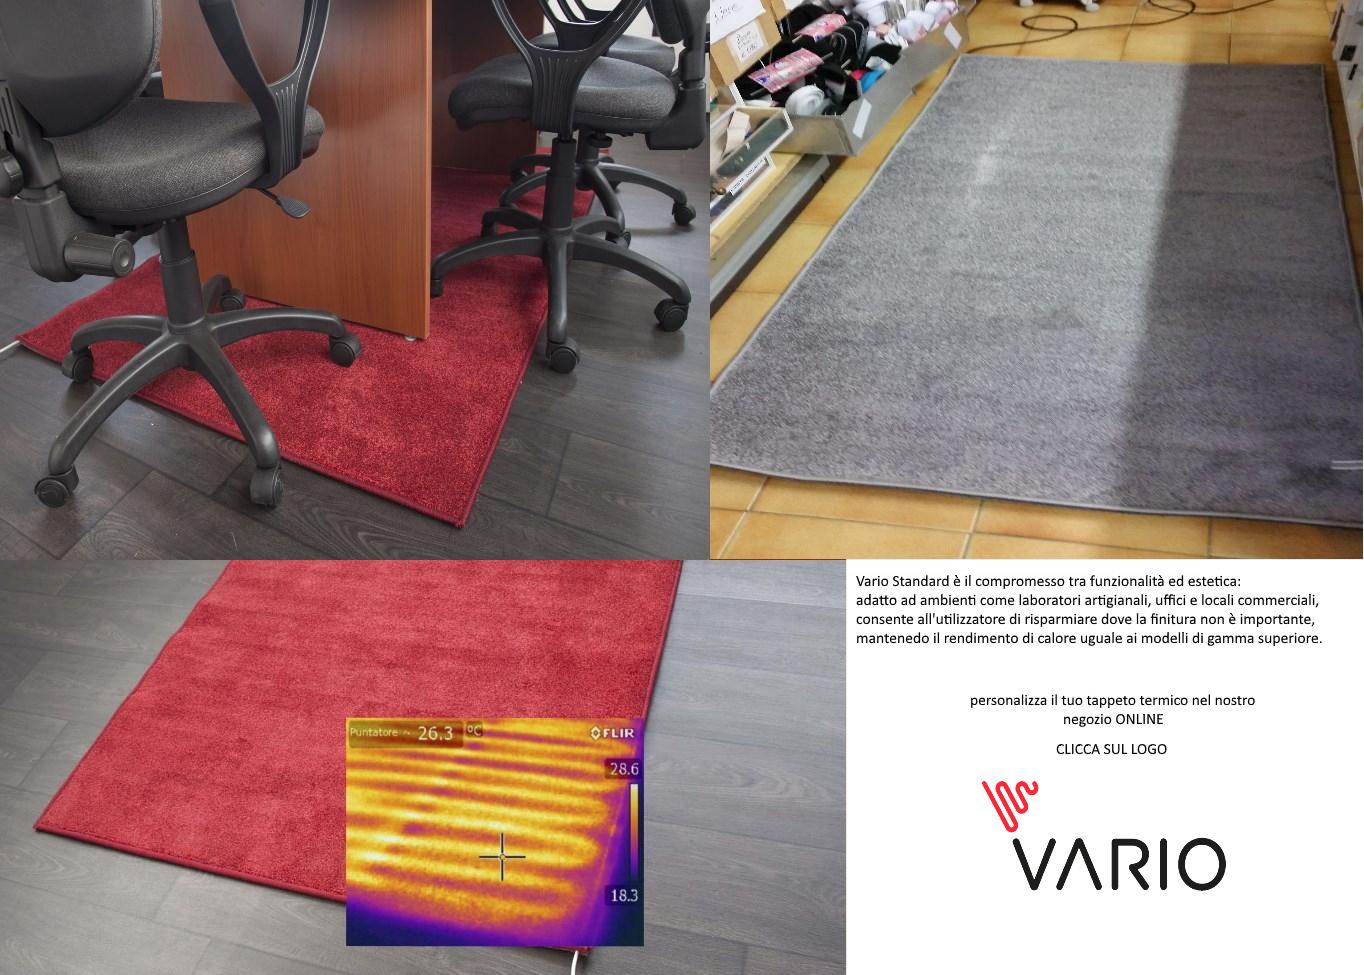 tappeto termico elettrico arrotolabile